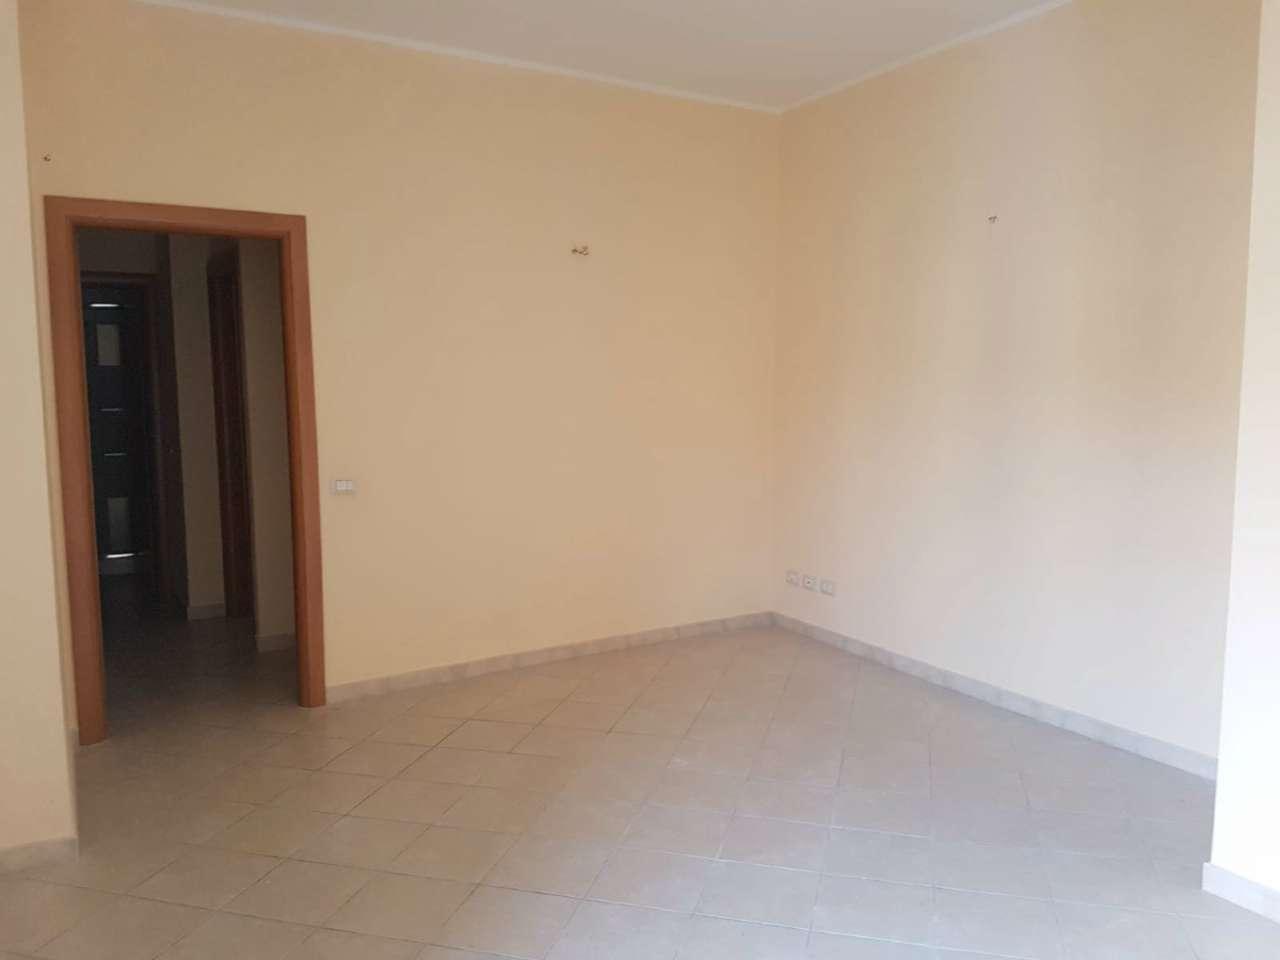 L'appartamento in affitto